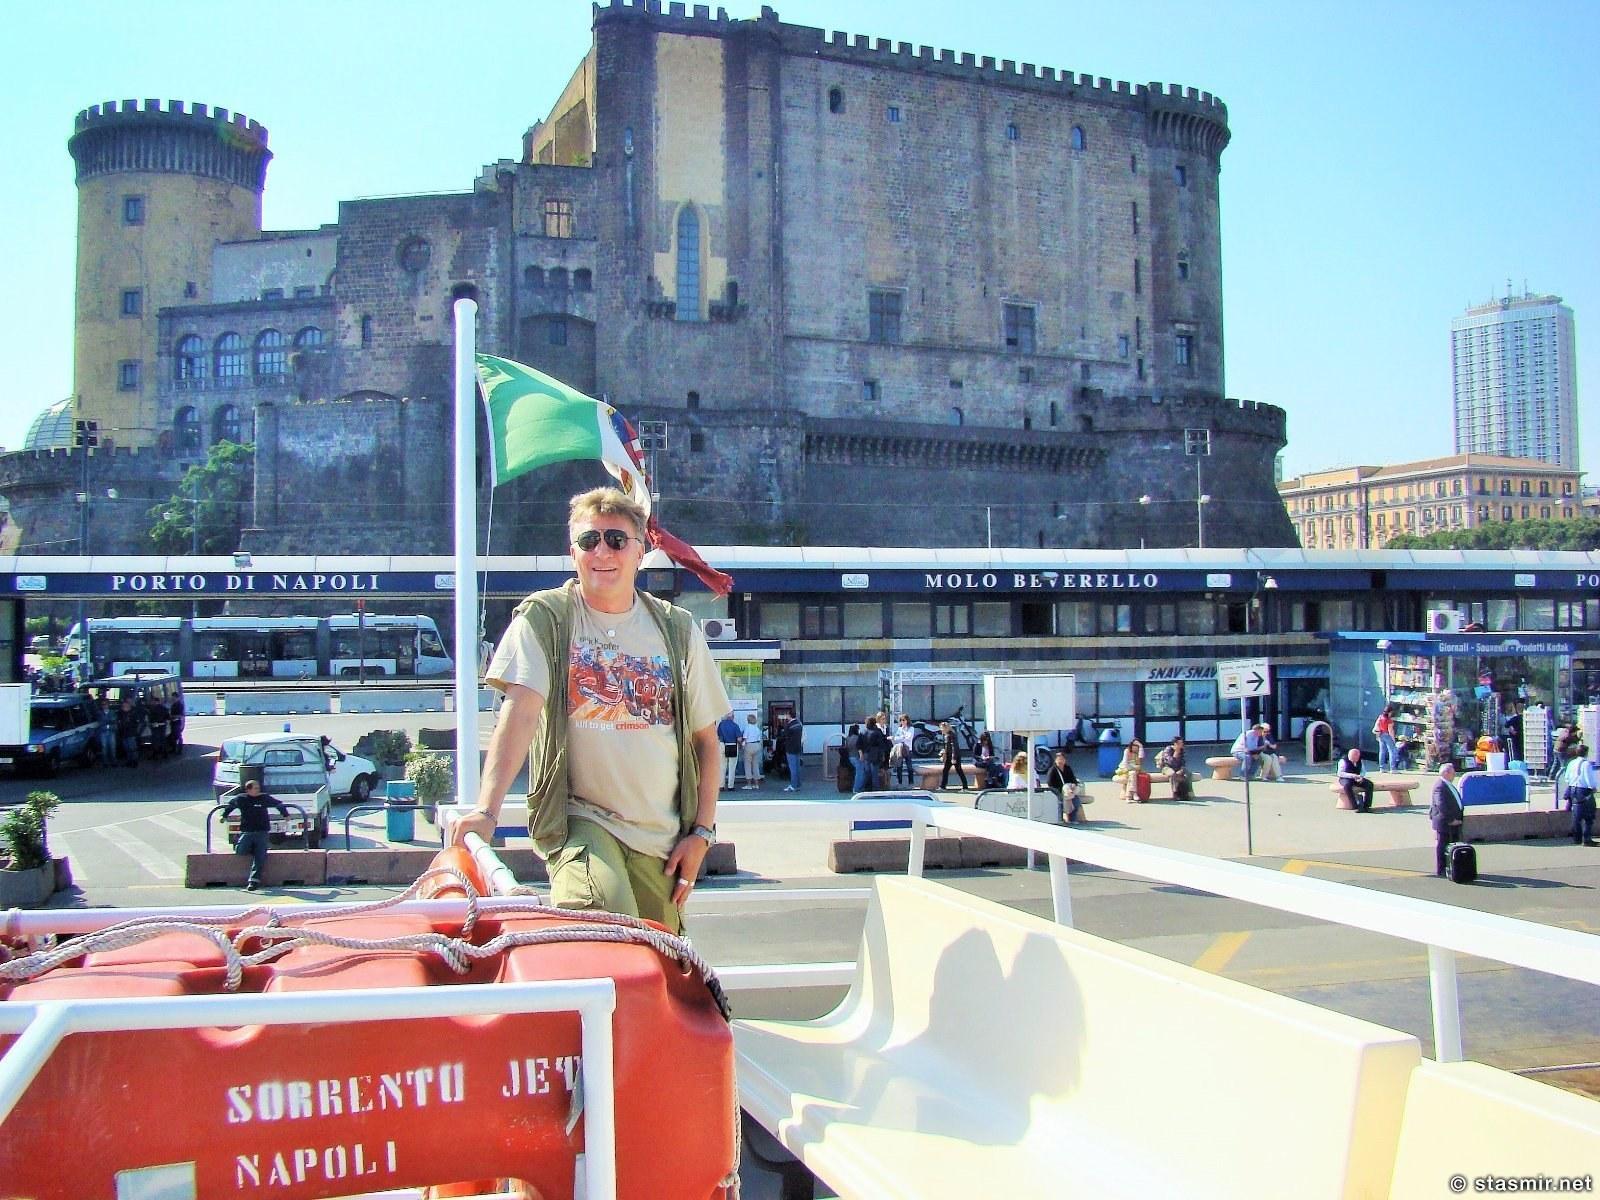 порт Неаполя - пароходик на Капри, фото Стасмир, Photo Stasmir